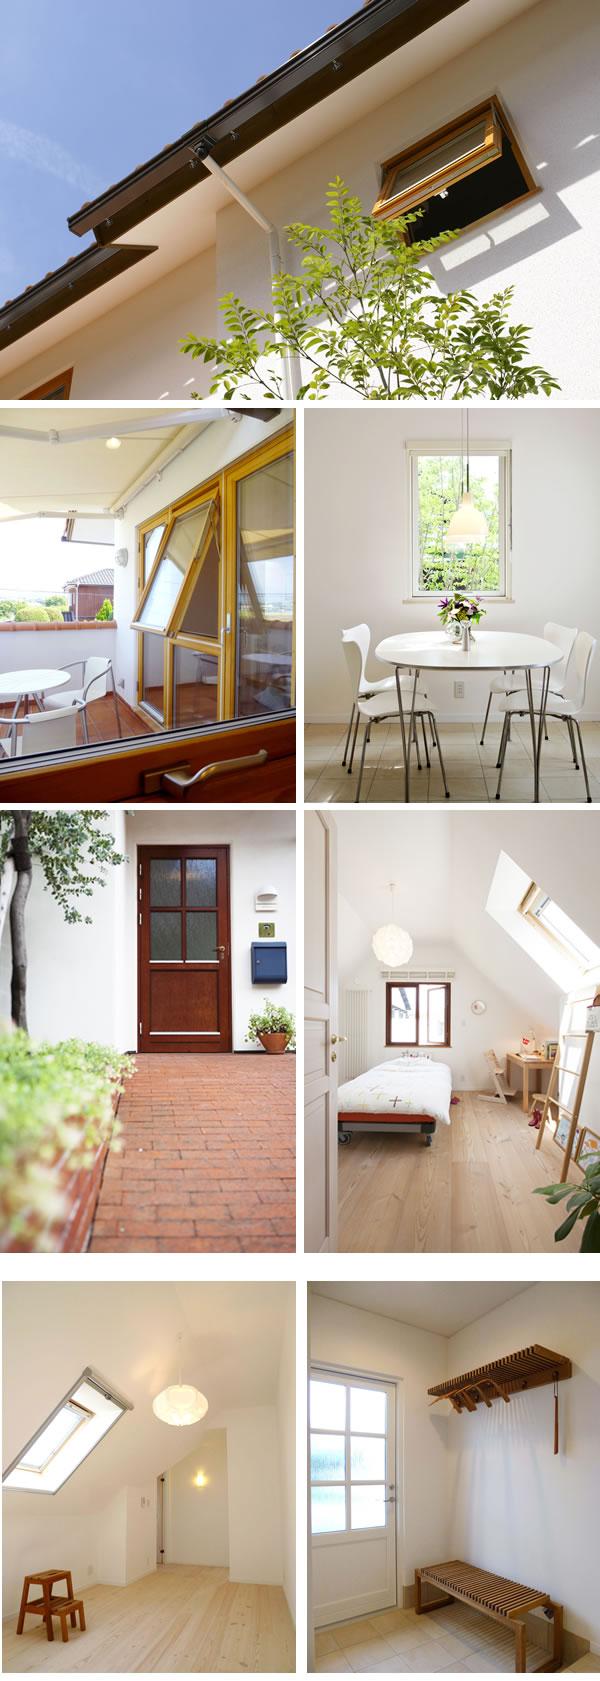 木製サッシ、玄関ドア、室内ドア、天窓イメージ1